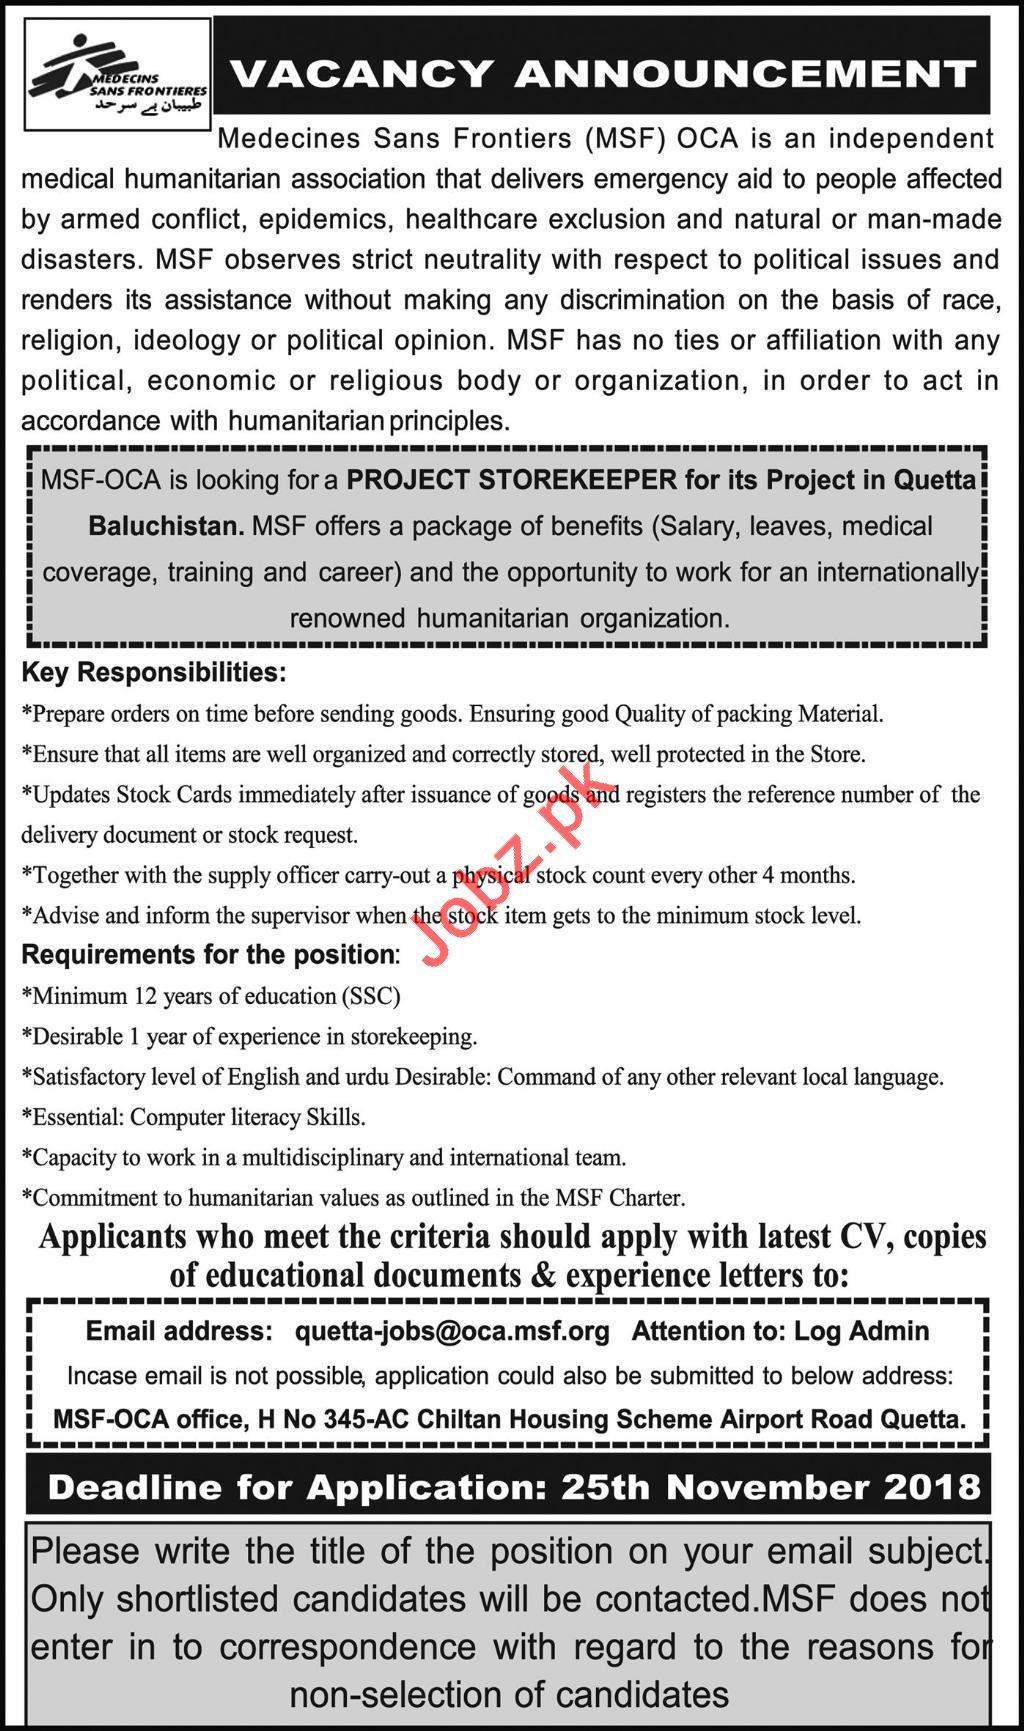 Medecines Sans Frontieres MSF NGO Job 2018 in Quetta